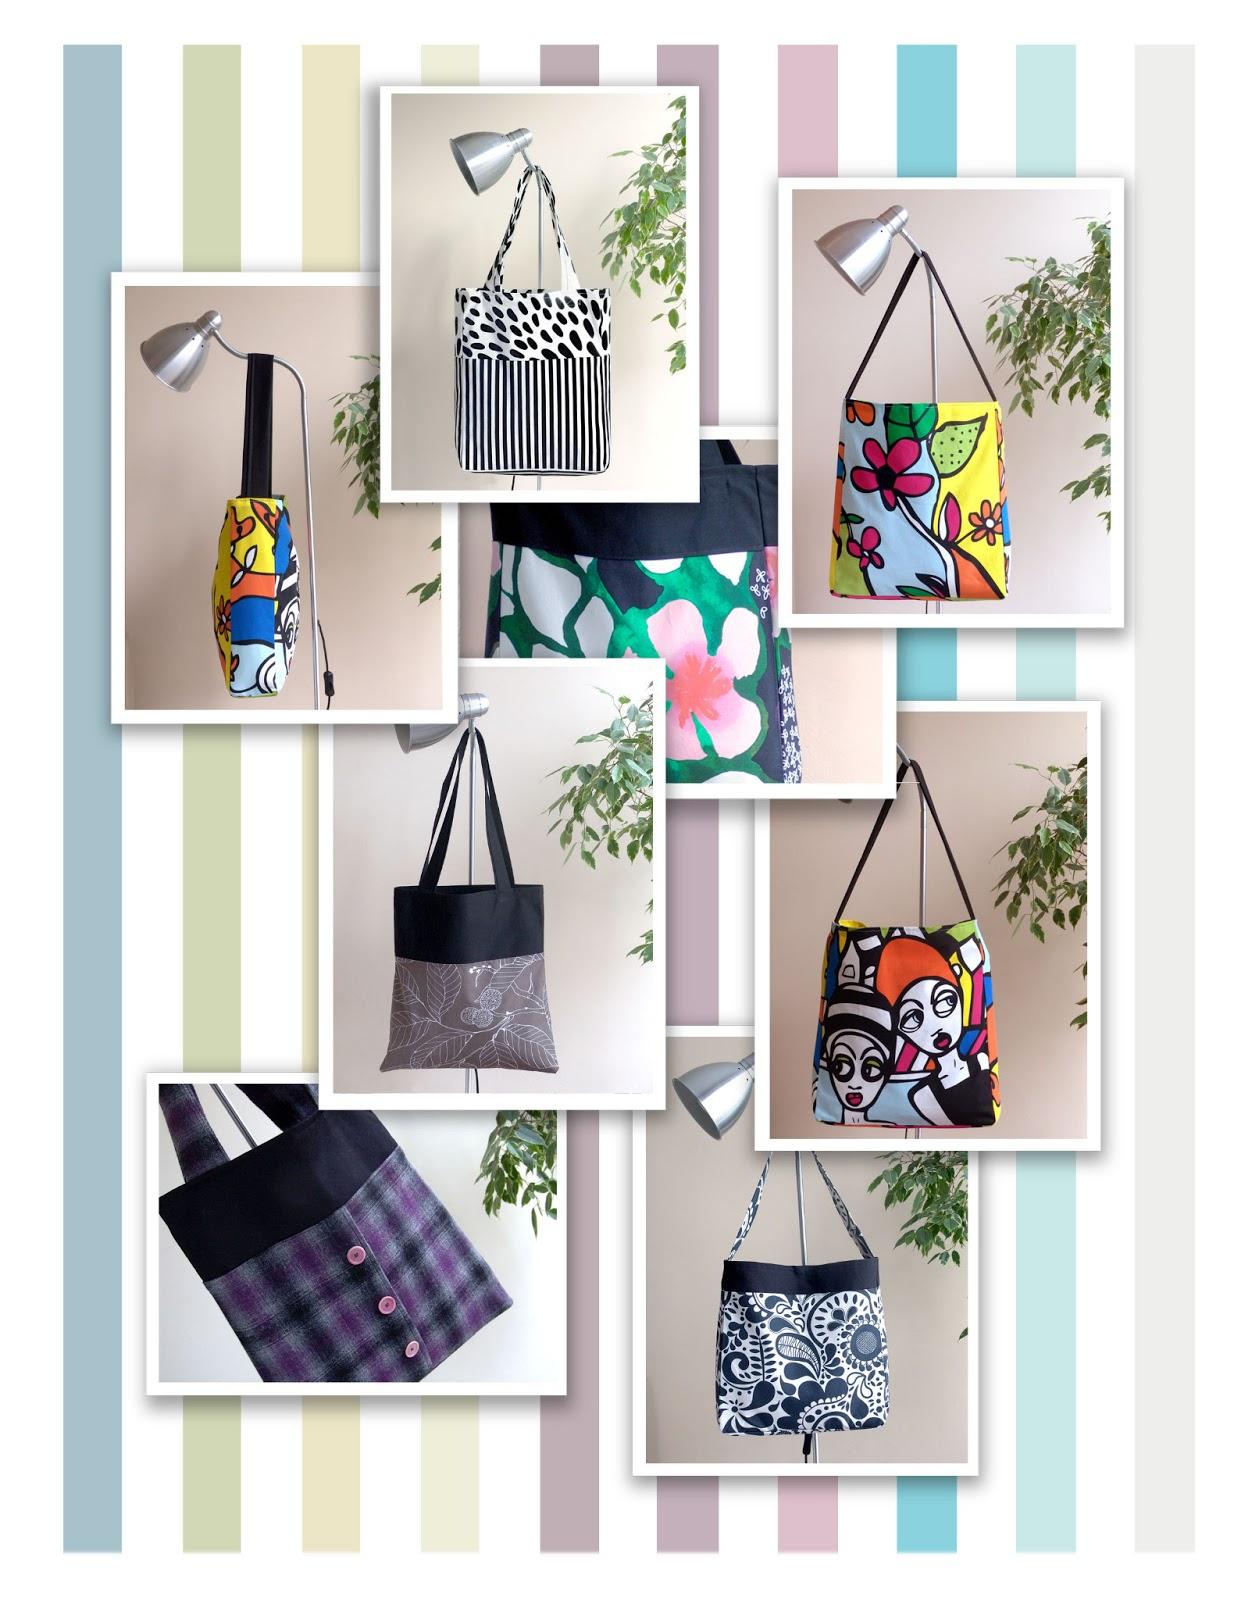 własnoręcznie szyte torby, torby na zamówienie, torba diy, unikatowe, wyjątkowe, na prezent, Własnoręcznie szyte torby na zamówienie, Na Maszynie, męska torba na zamówienie, super ceny, z tkanin ikea,